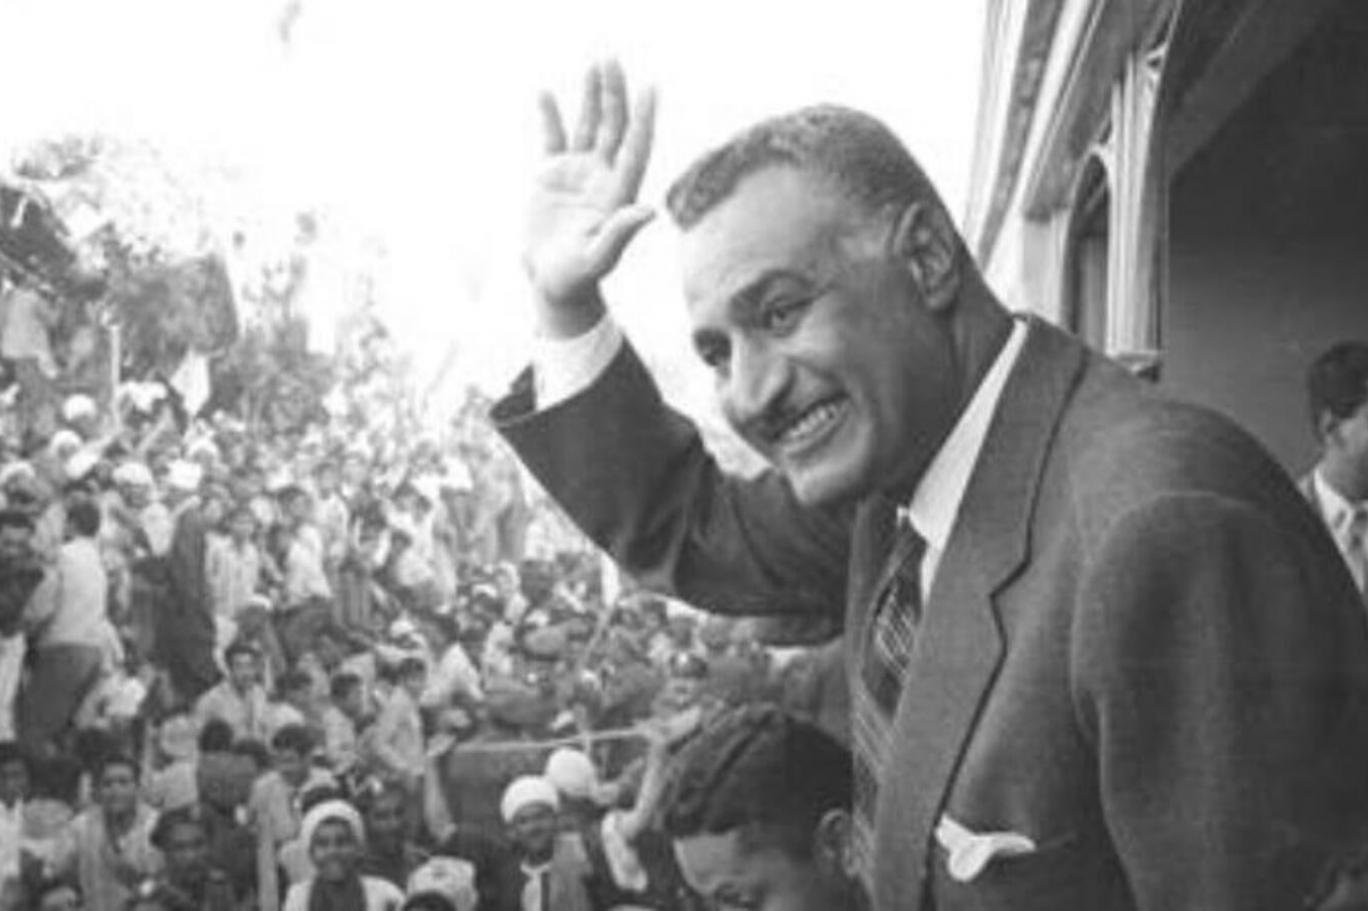 أسامة سعد موجهاً التحية لذكرى عبد الناصر: نهج عبد الناصر هو نهج الانحياز للناس والإيمان بالشعب وقدراته